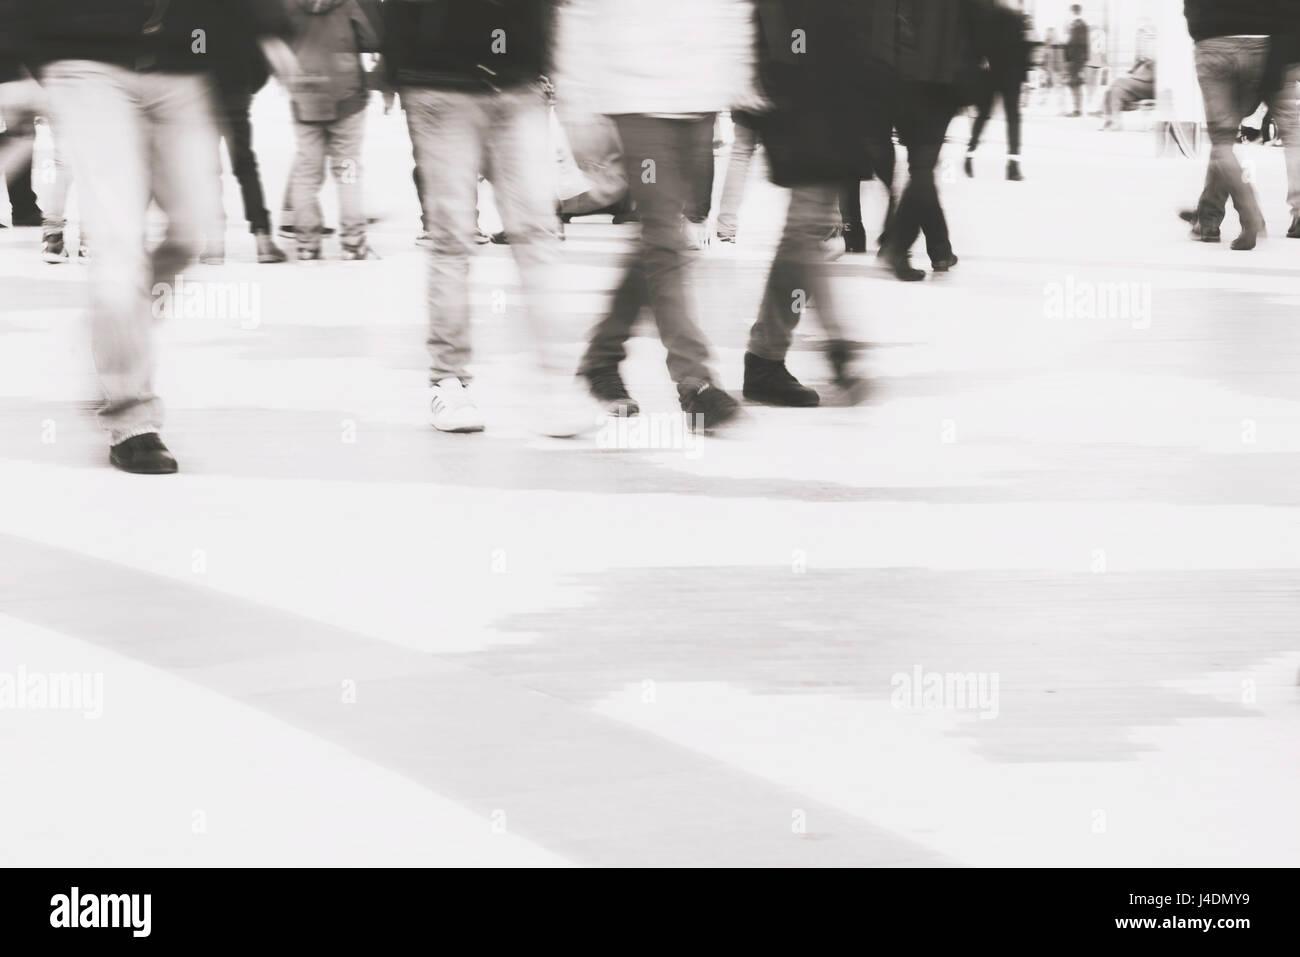 Abstract blur sullo sfondo delle persone che attraversano la strada a zebra Immagini Stock